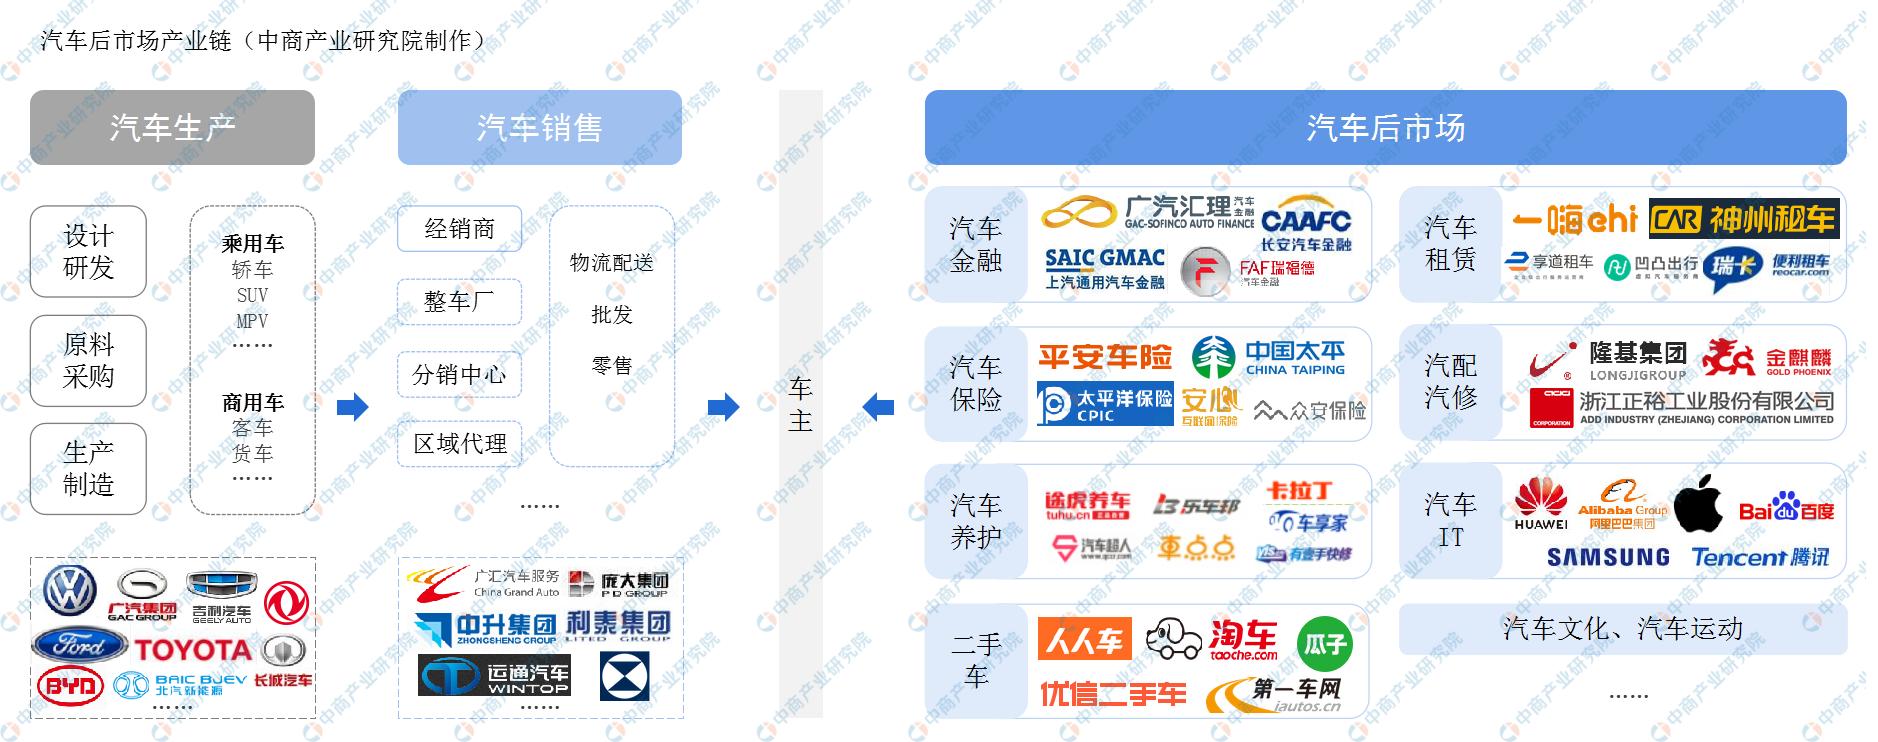 2020年中国汽车后市场产业链上游分析(附图表)